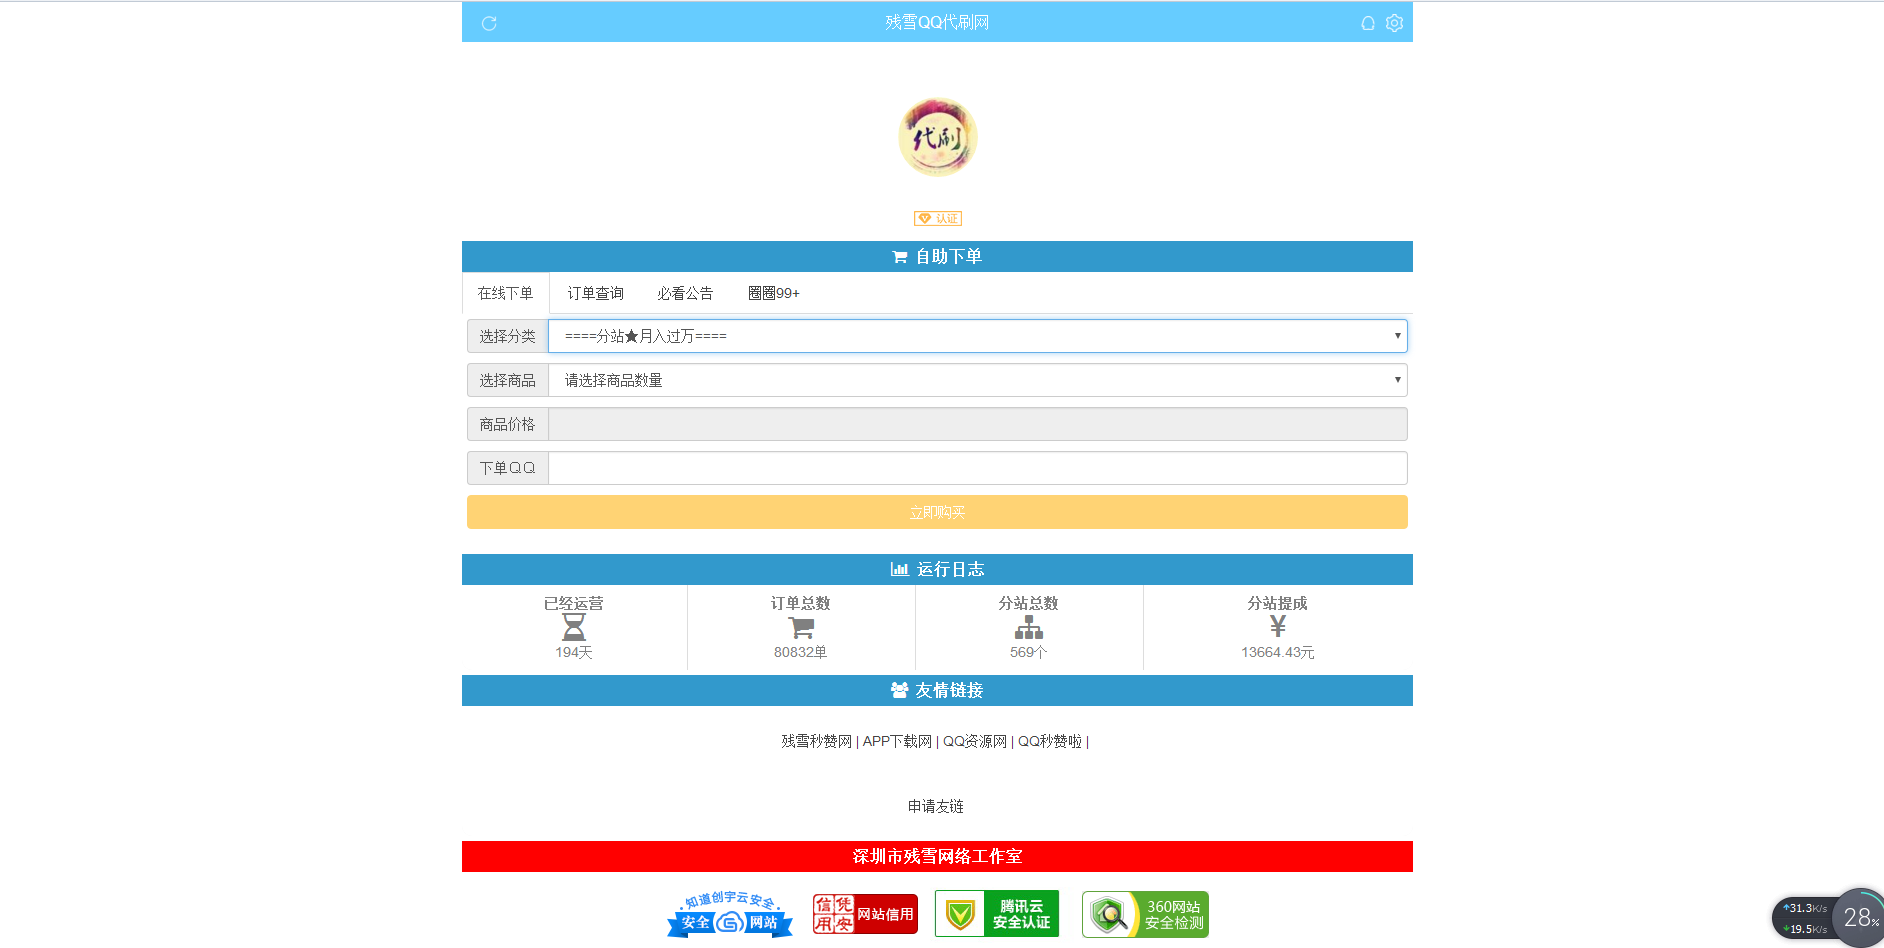 彩虹代刷网2.0-3.9全套合集免授权源码